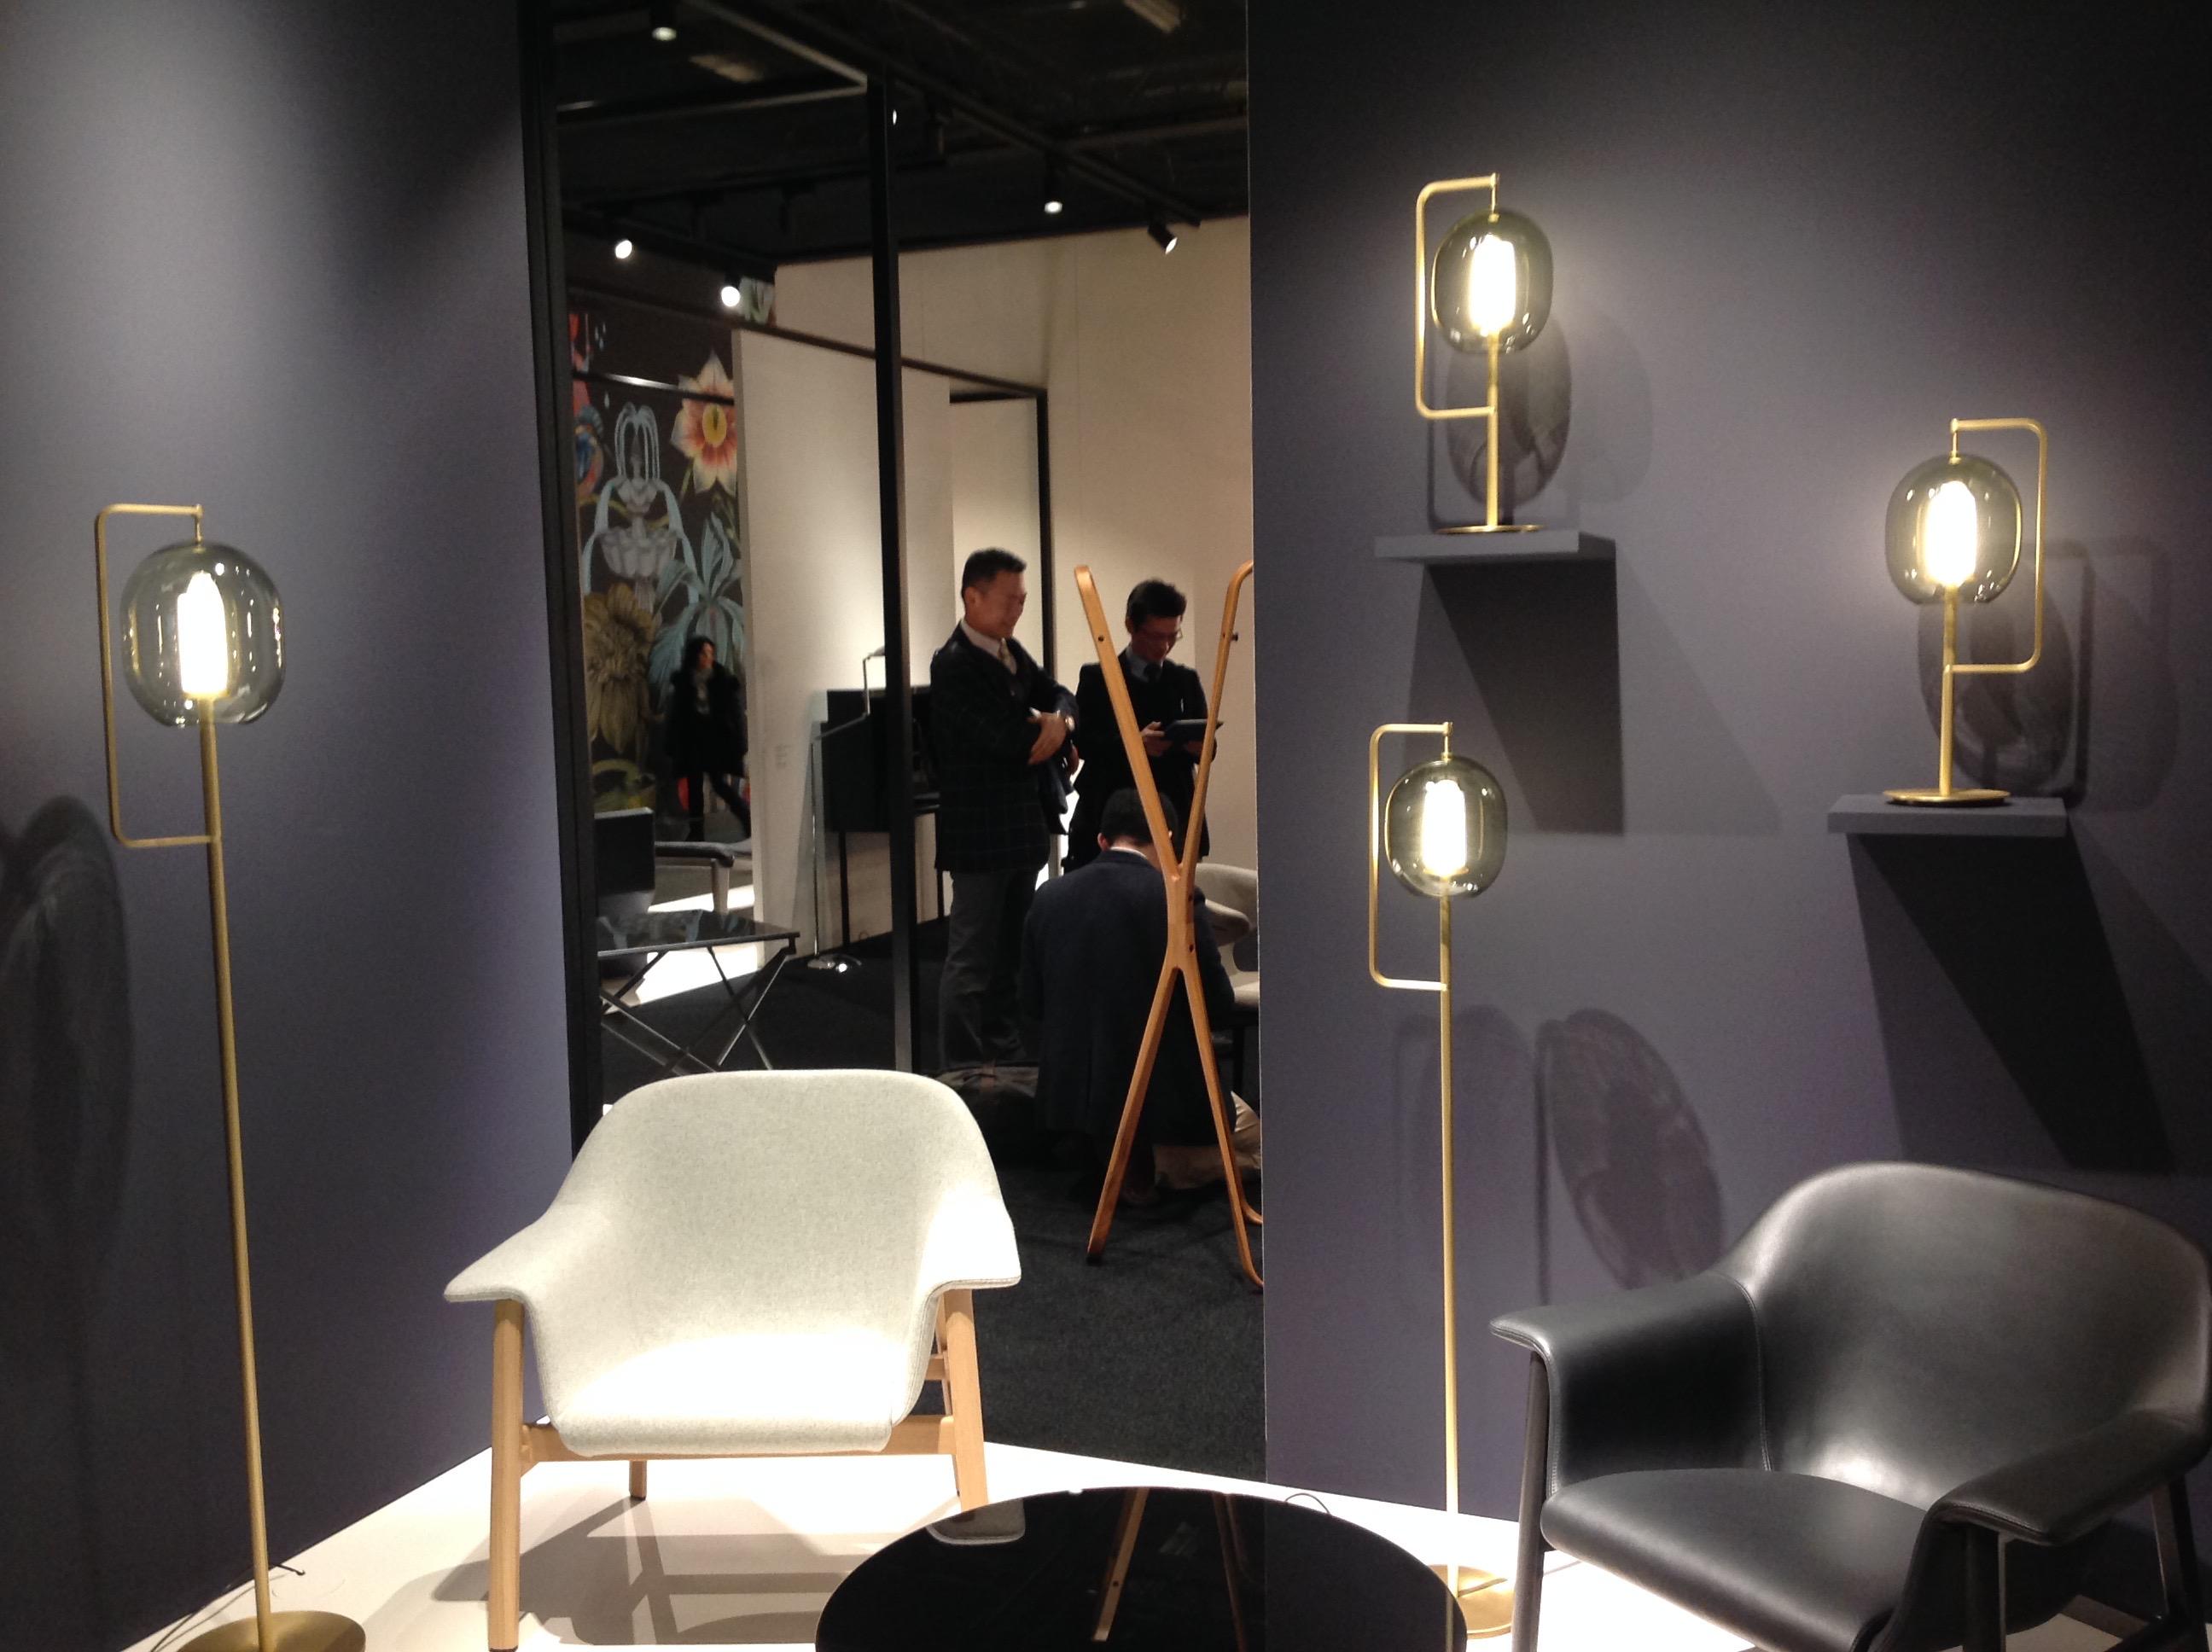 Nye lamper fra ClassiCon, Lantern Lights designet av Neri & Hu 2017